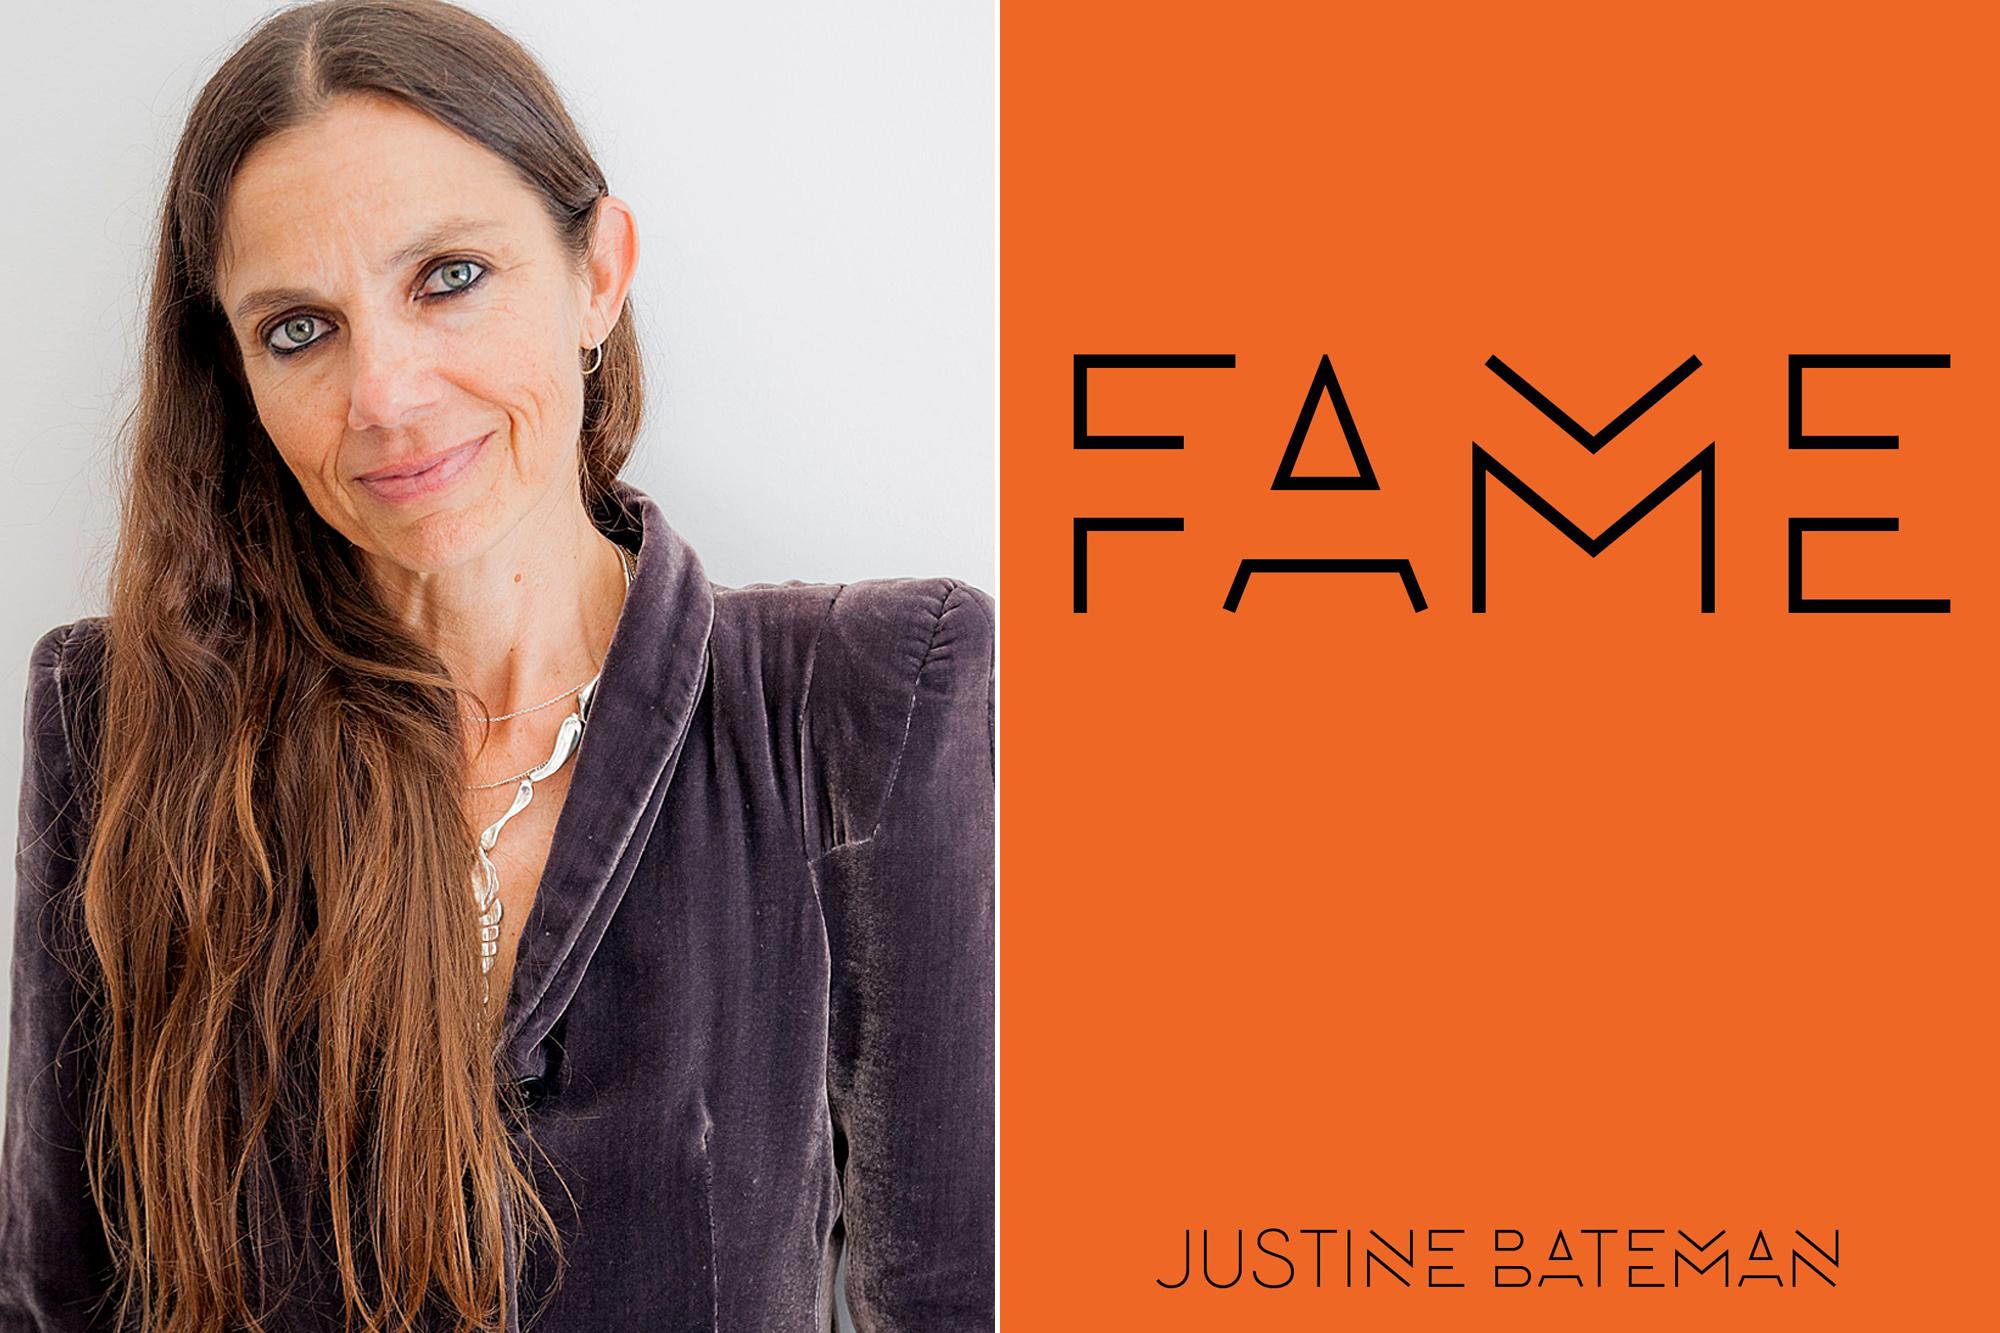 justine-bateman-fame-2000